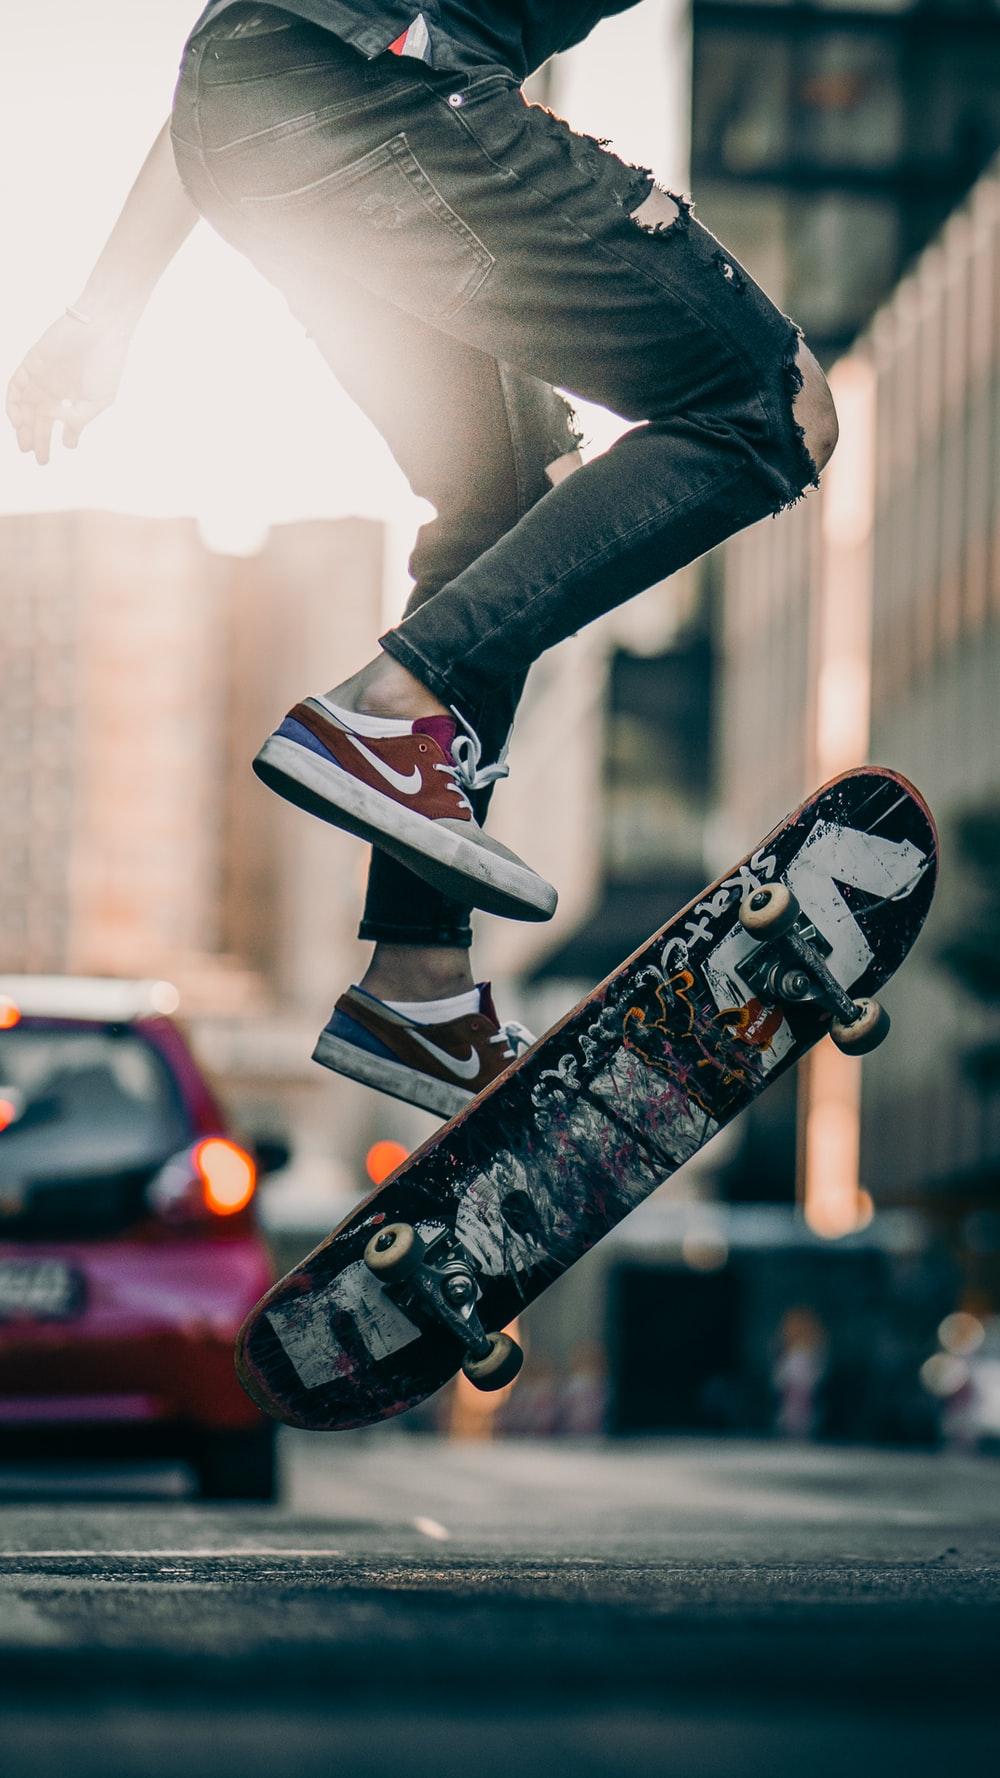 Skateboard Wallpapers HD Download [500 HQ] Unsplash 1000x1778